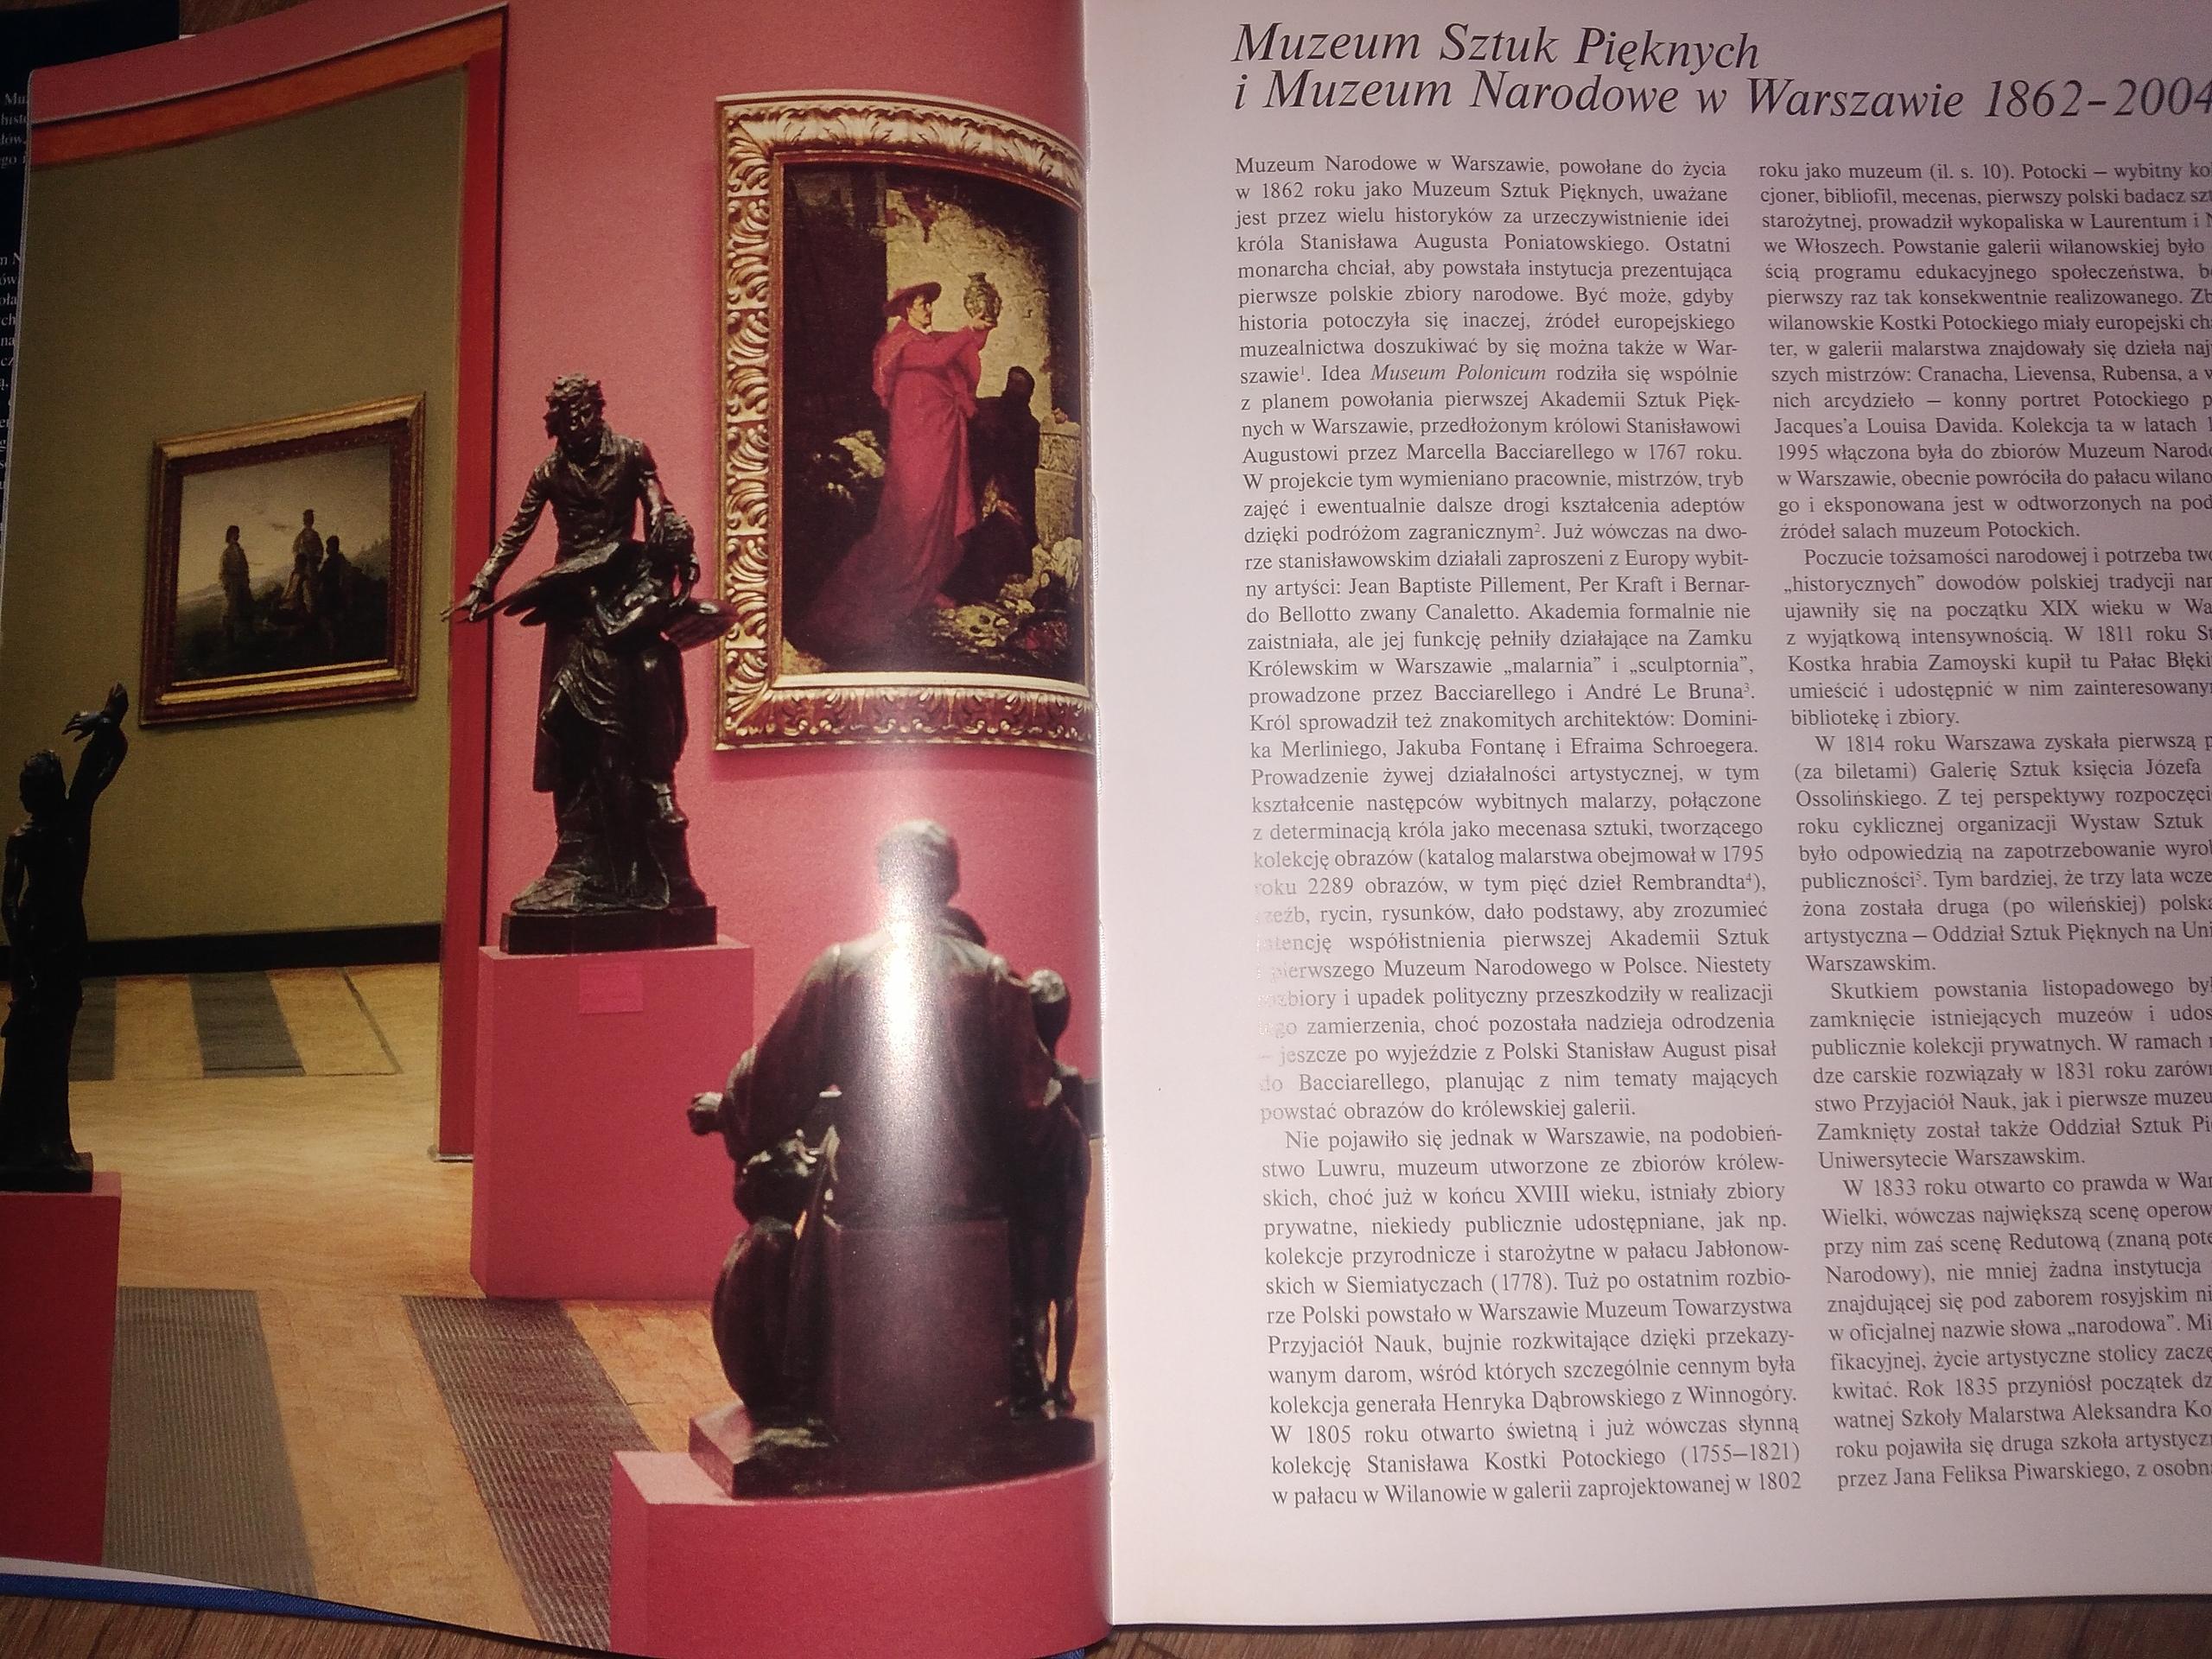 Muzeum Narodowe w Warszawie - фото из книги